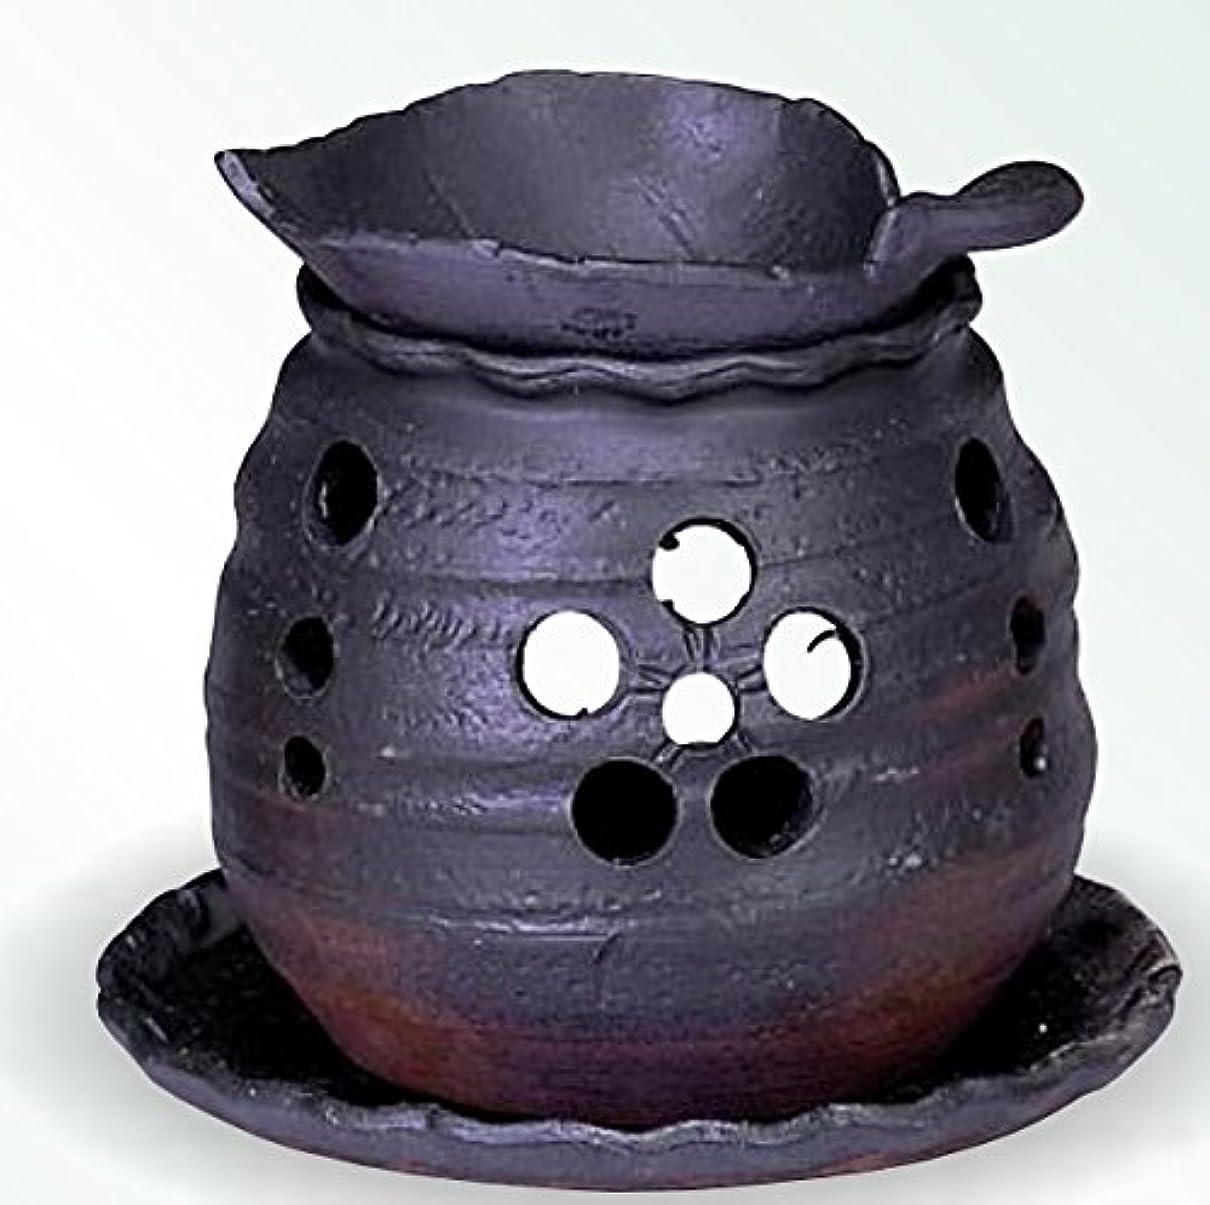 食堂娯楽そっと常滑焼 茶香炉(アロマポット)木ノ葉皿 径10×高さ10.5cm